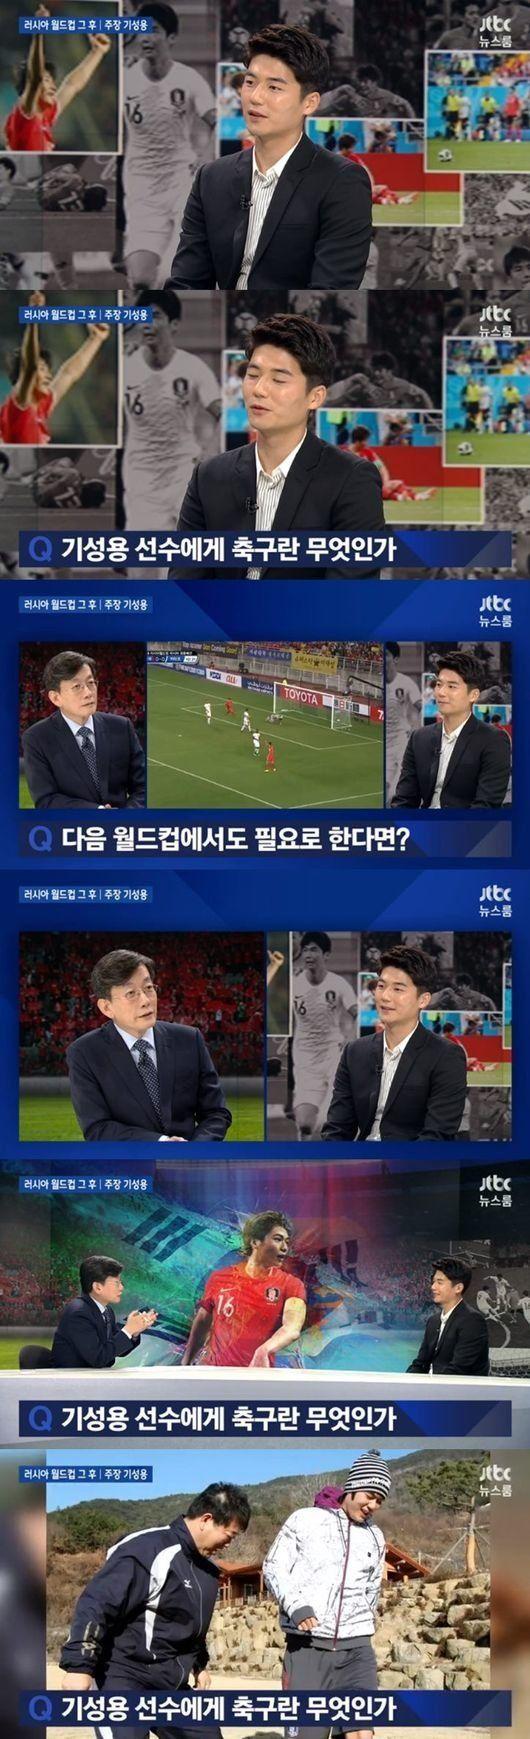 [종합] '뉴스룸' 기성용이 밝힌 #은퇴 #독일전 #조현우(ft.